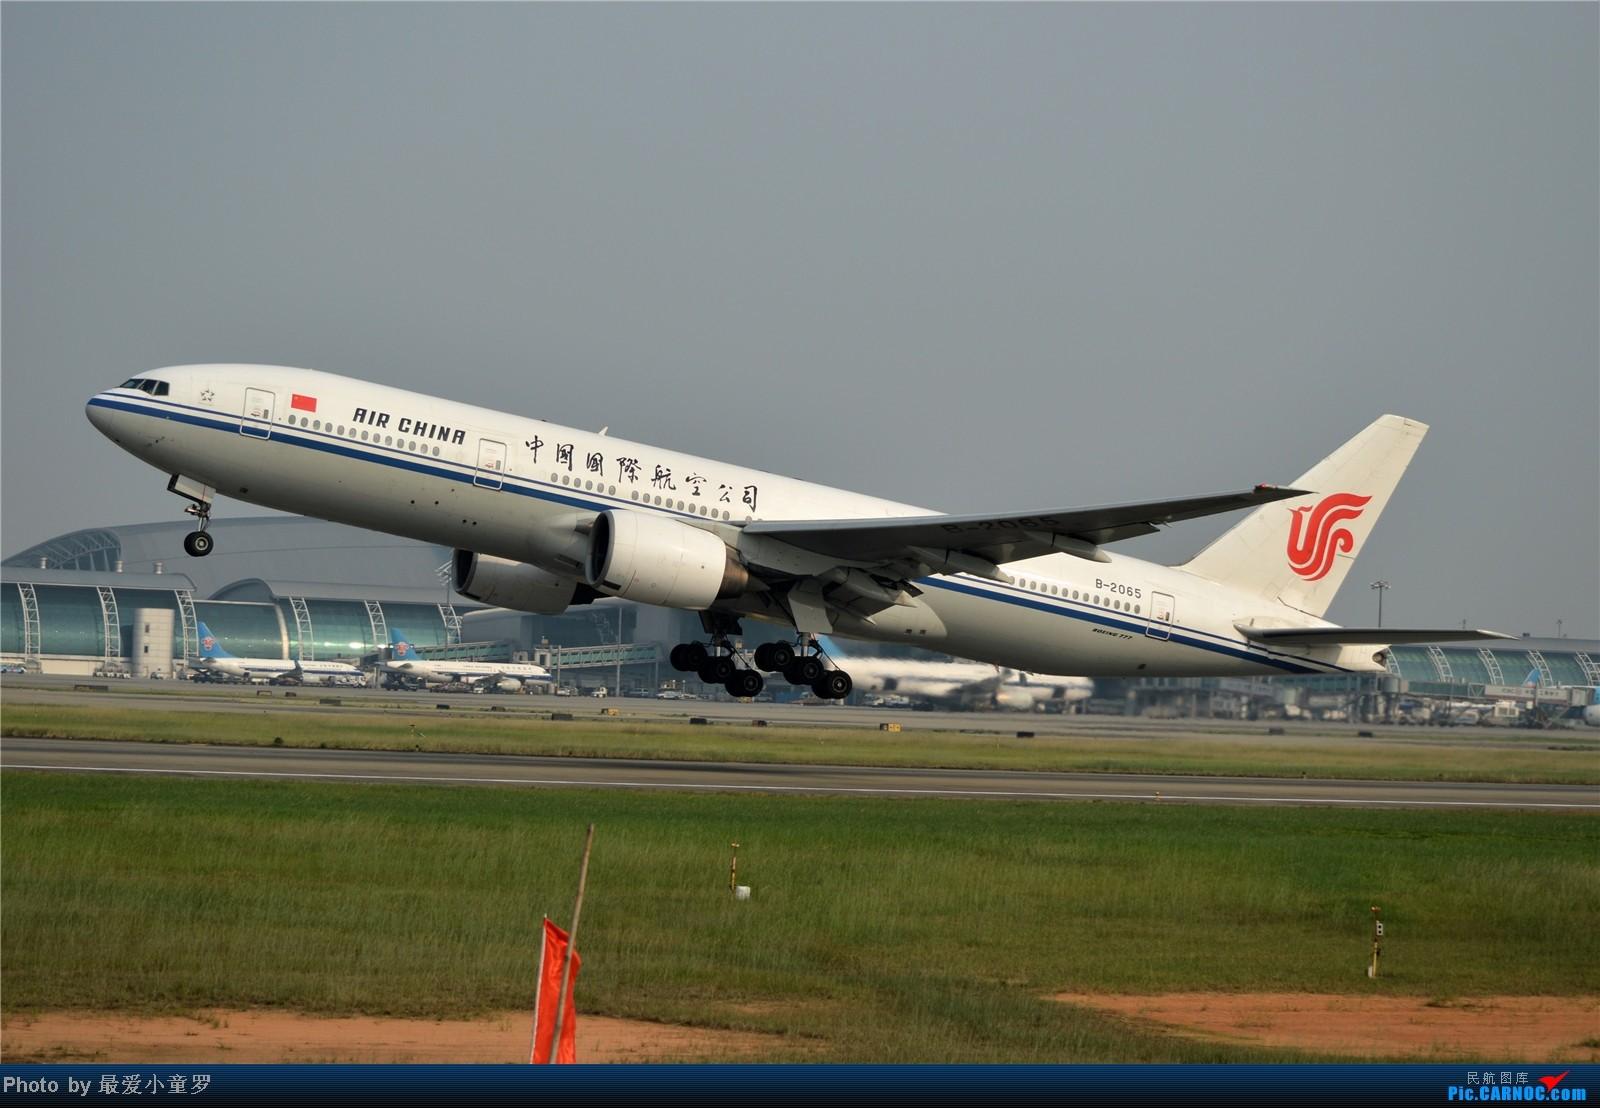 Re:[原创]炒冷饭系列2013年10月4日CAN拍机,带消防塔角度 BOEING 777-200 B-2065 中国广州白云机场